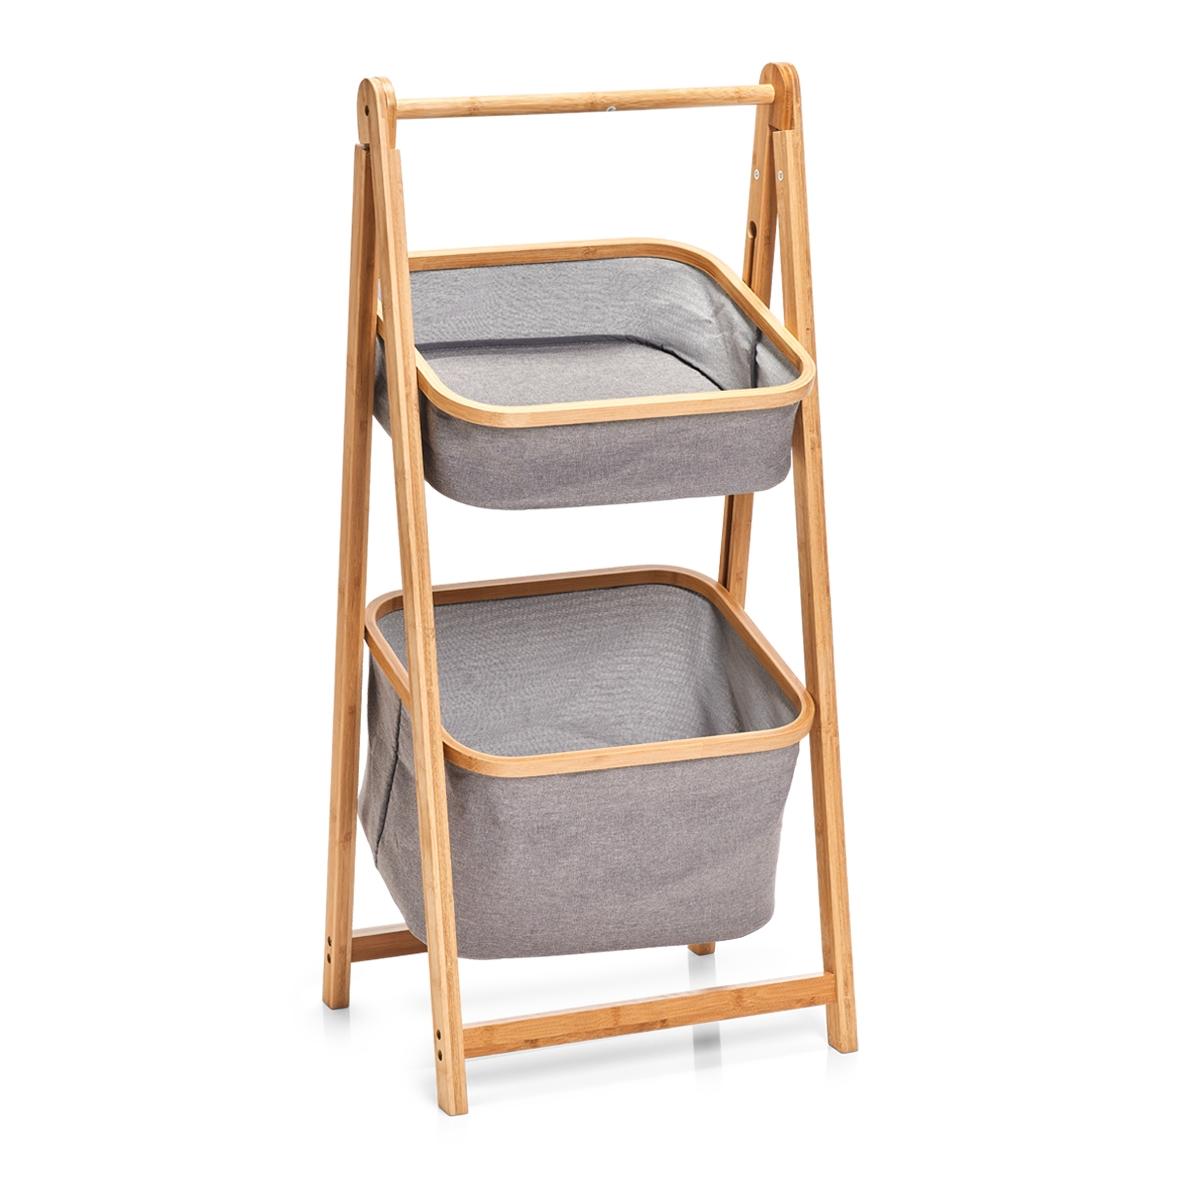 Suport cu 2 cosuri pentru depozitare, Bamboo Gri Poliester, l44xA35xH99 cm imagine